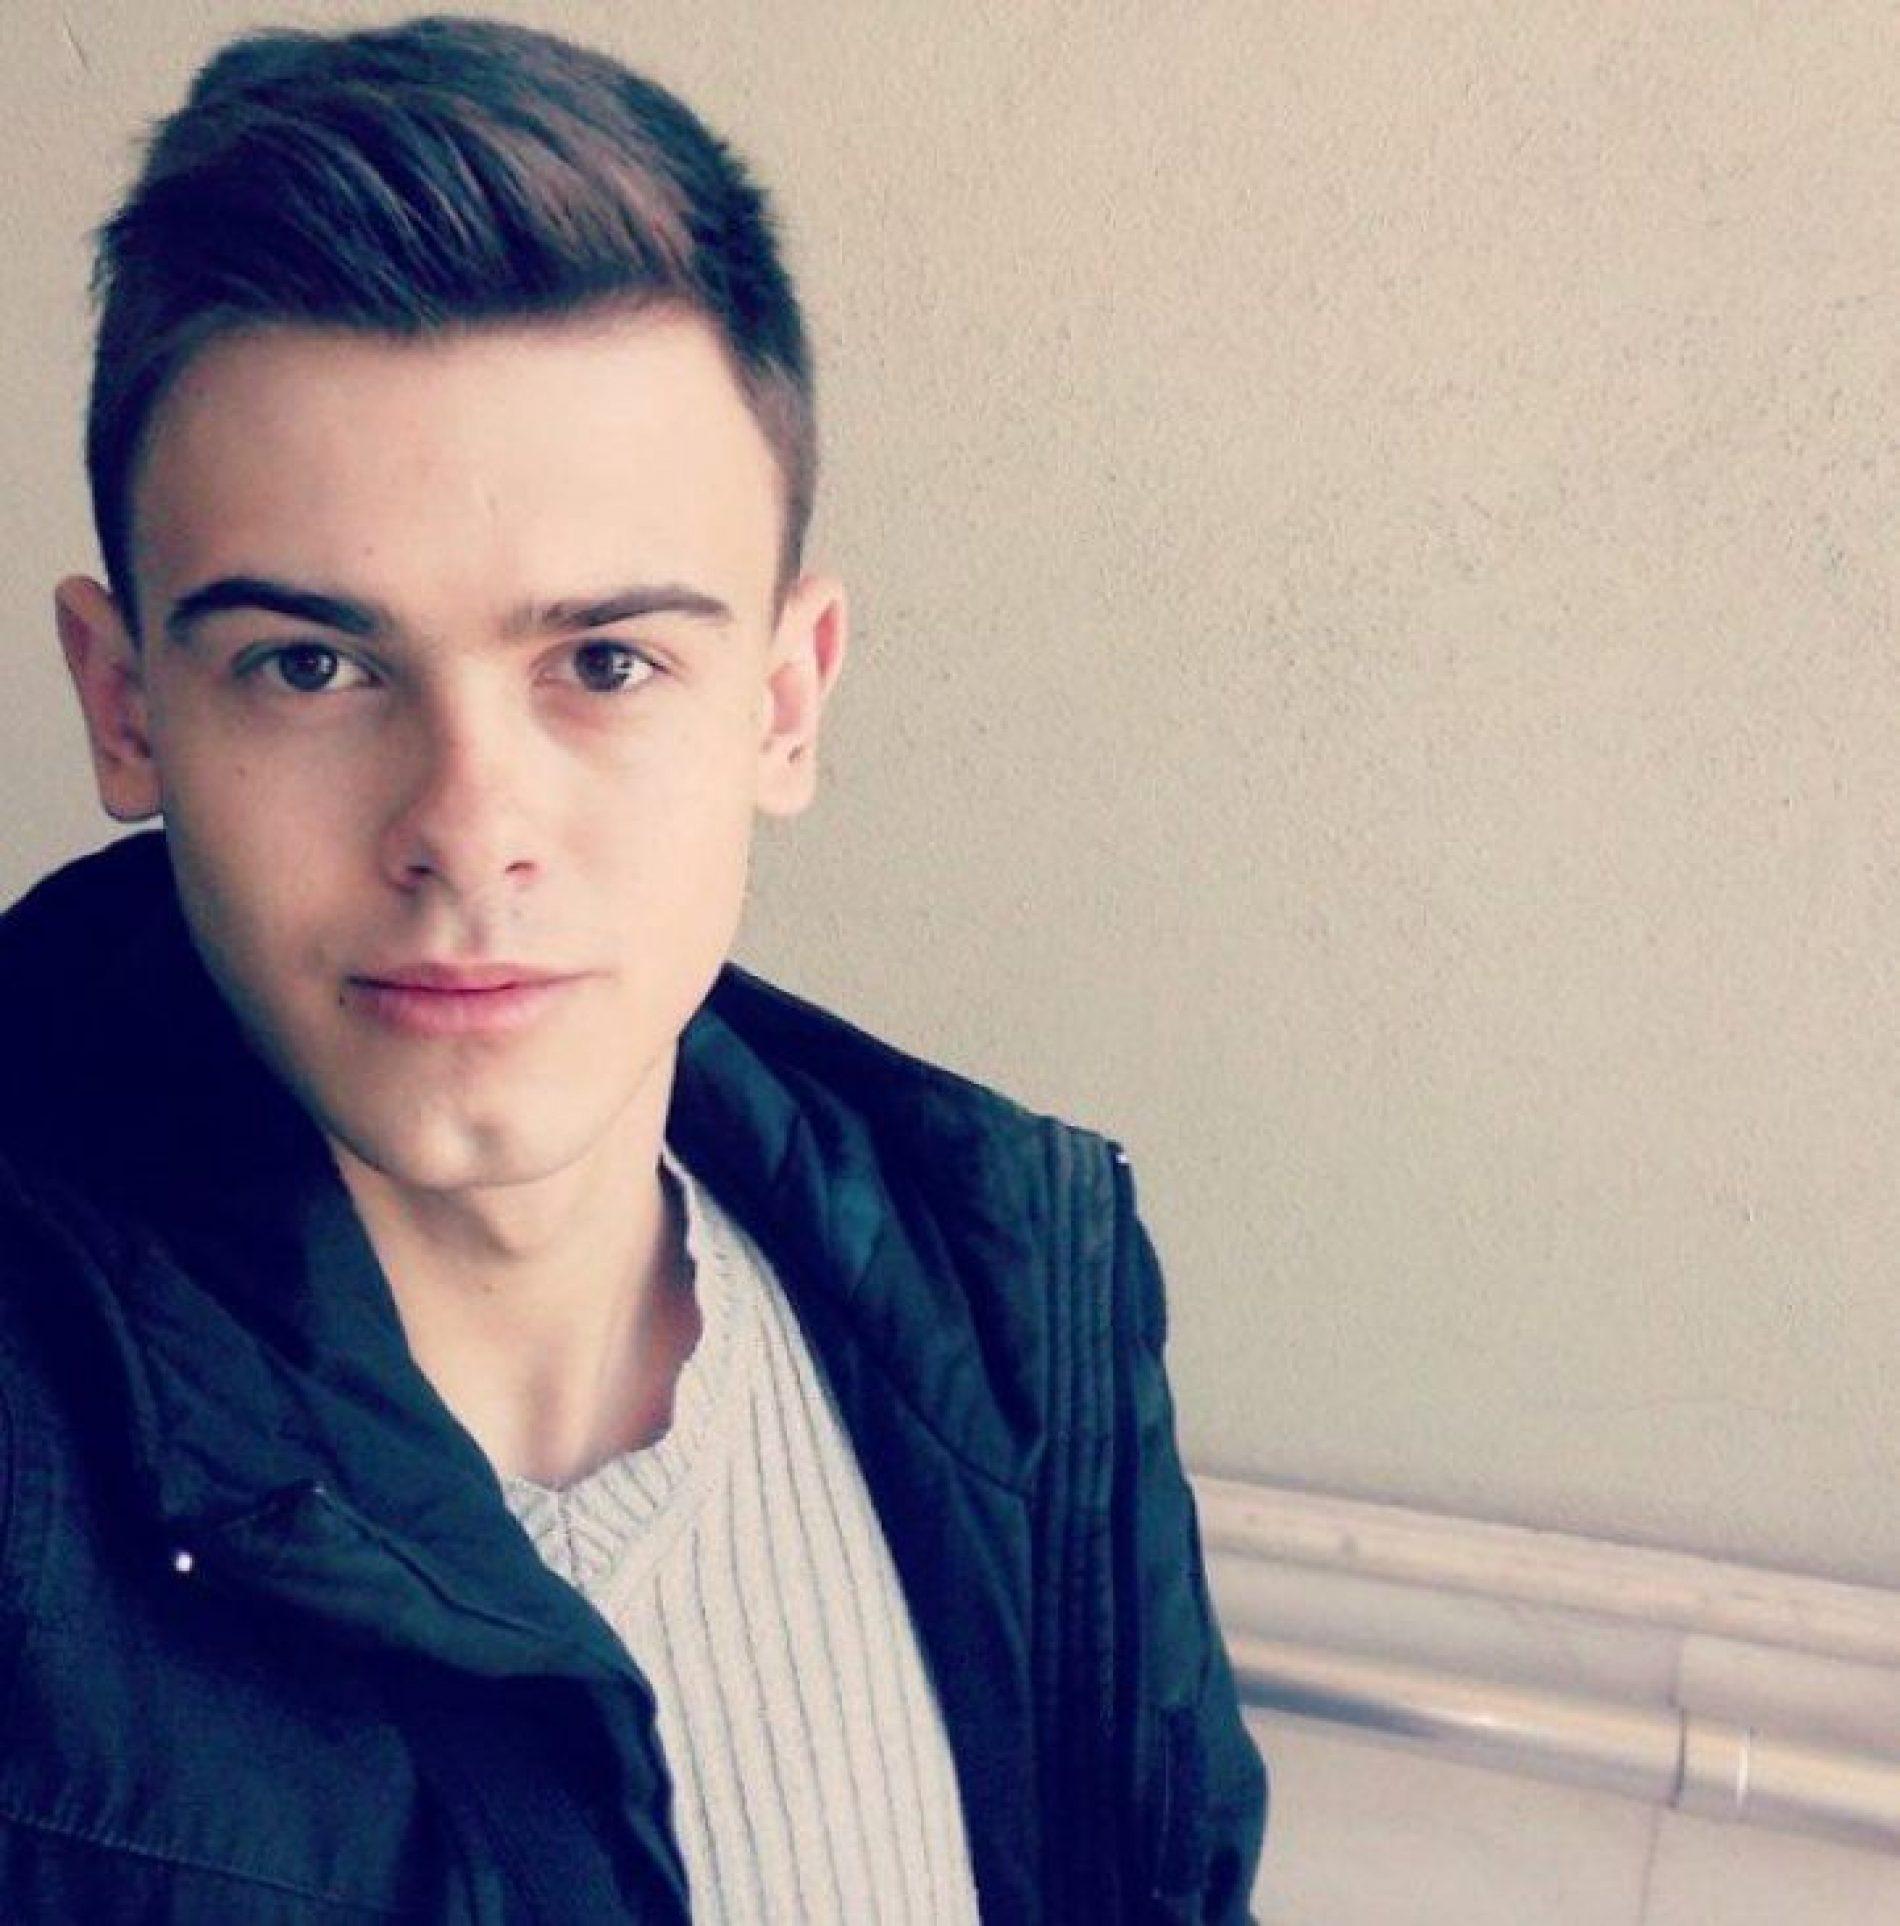 Slučaj Mašetović: Bosanski student bi naredne sedmice trebao biti pušten iz pritvora u Turskoj